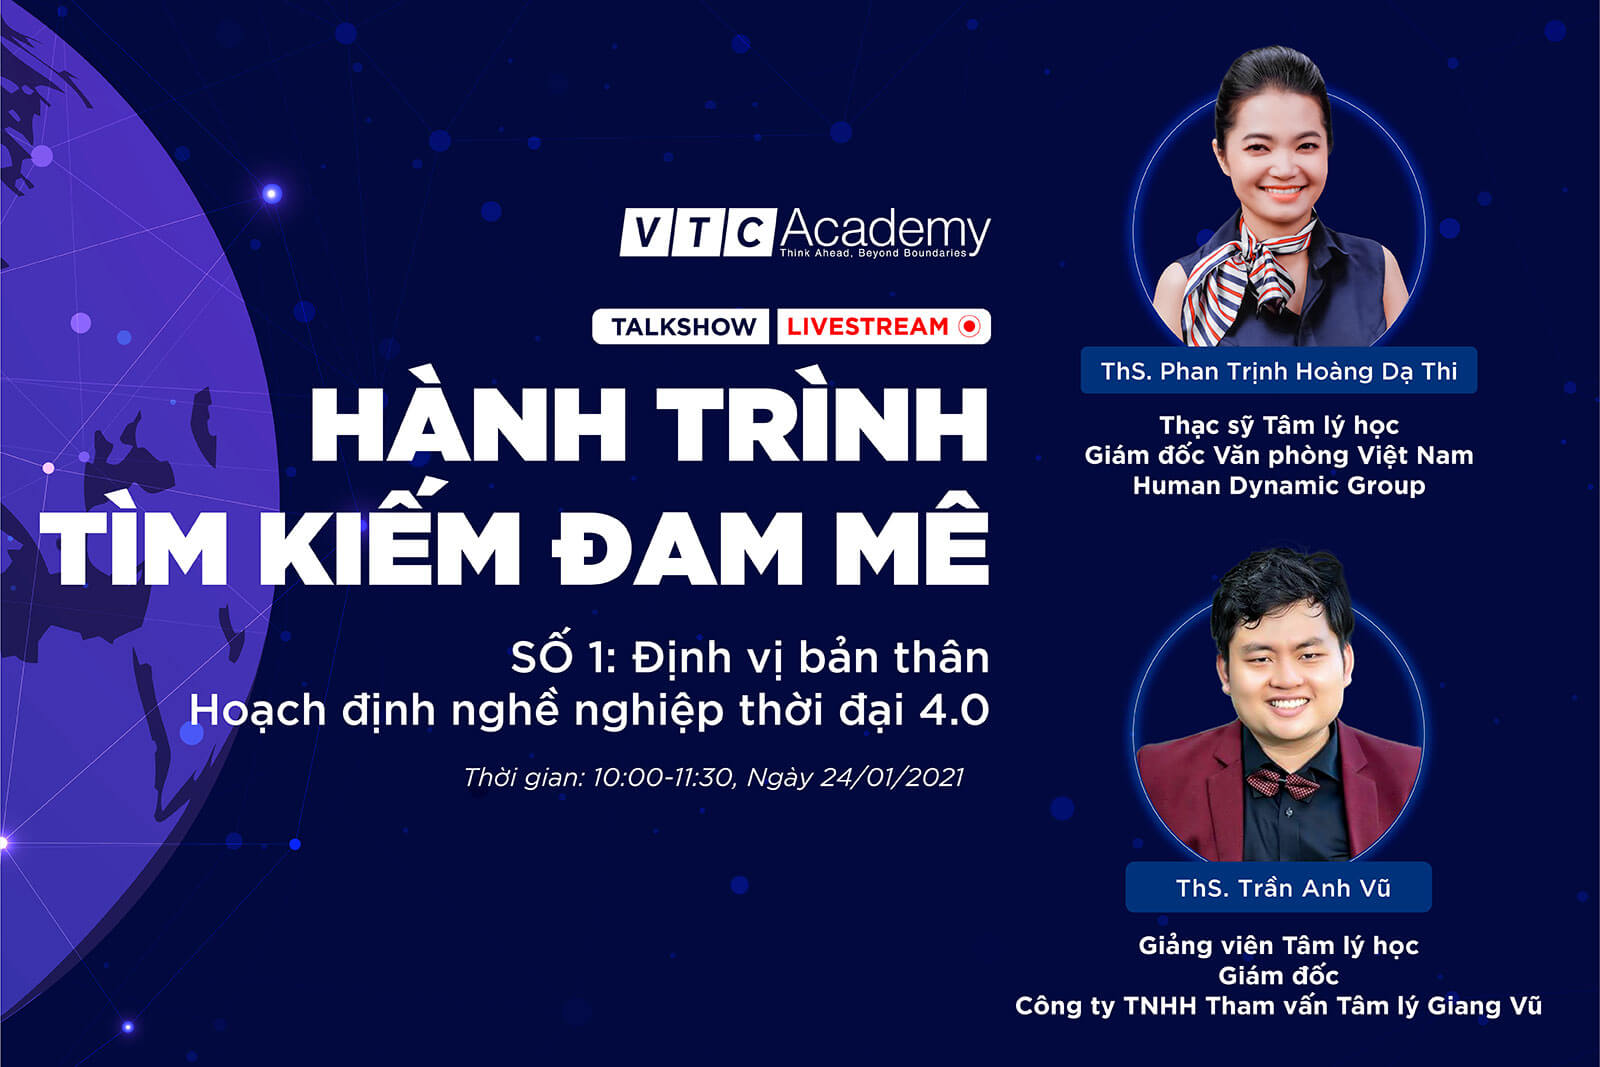 """VTC Academy khởi động chuỗi talkshow trực tuyến """"Hành trình tìm kiếm đam mê"""" và """"Chuyện người trong nghề"""""""